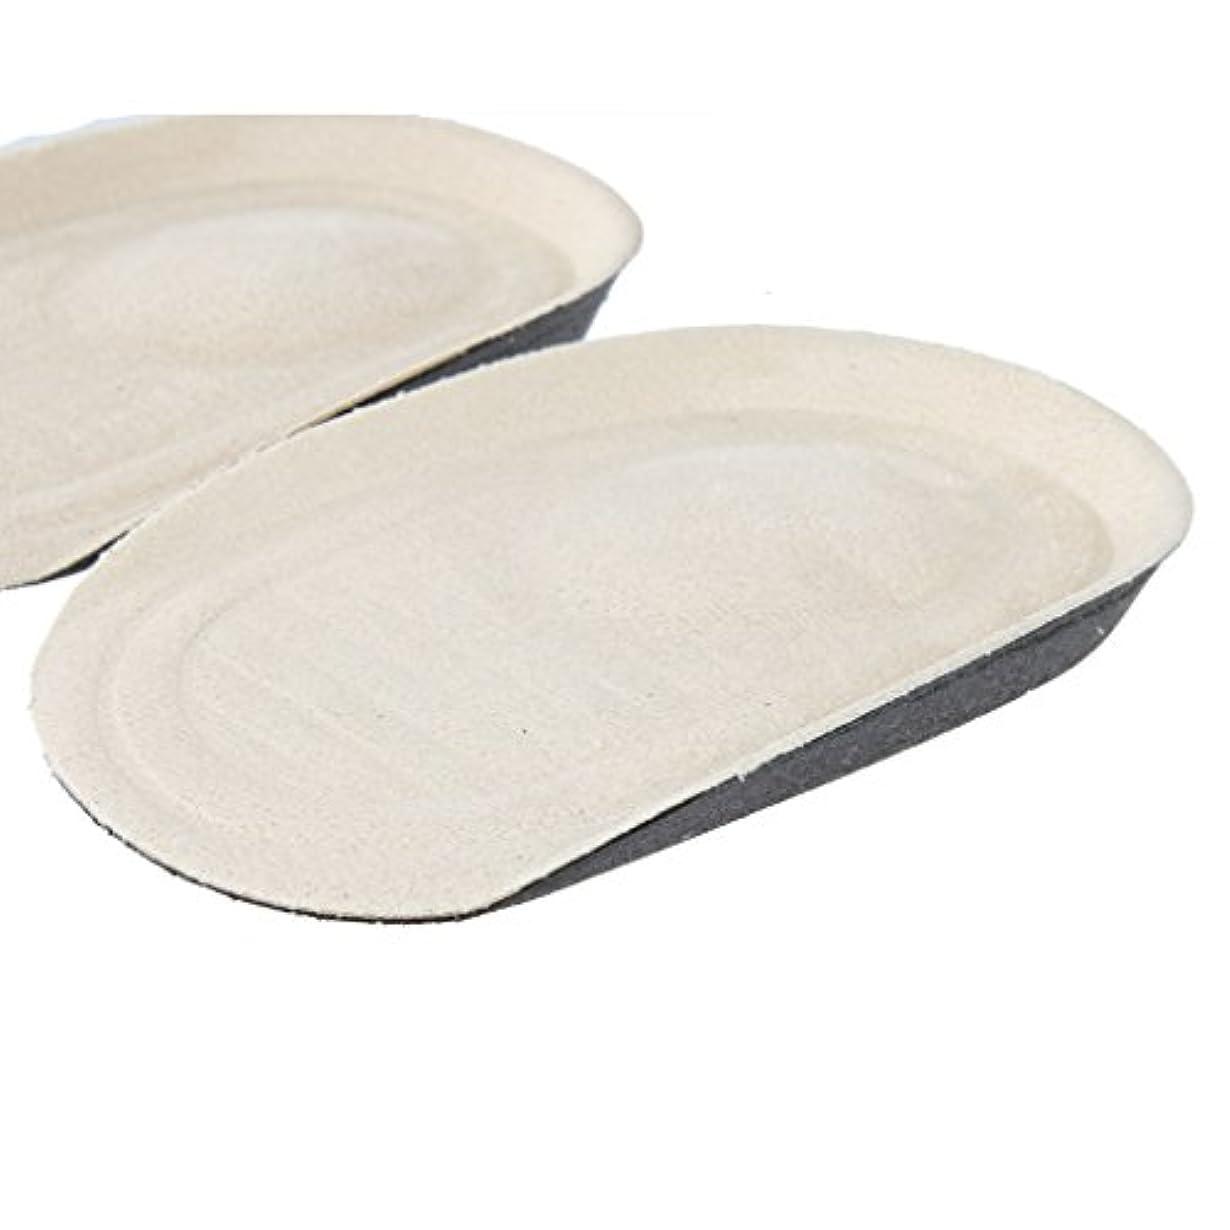 フクロウスズメバチ波chiwanji アンチスリップヒールクッションは、インソールブーツ?靴インサートパッドスポンジ